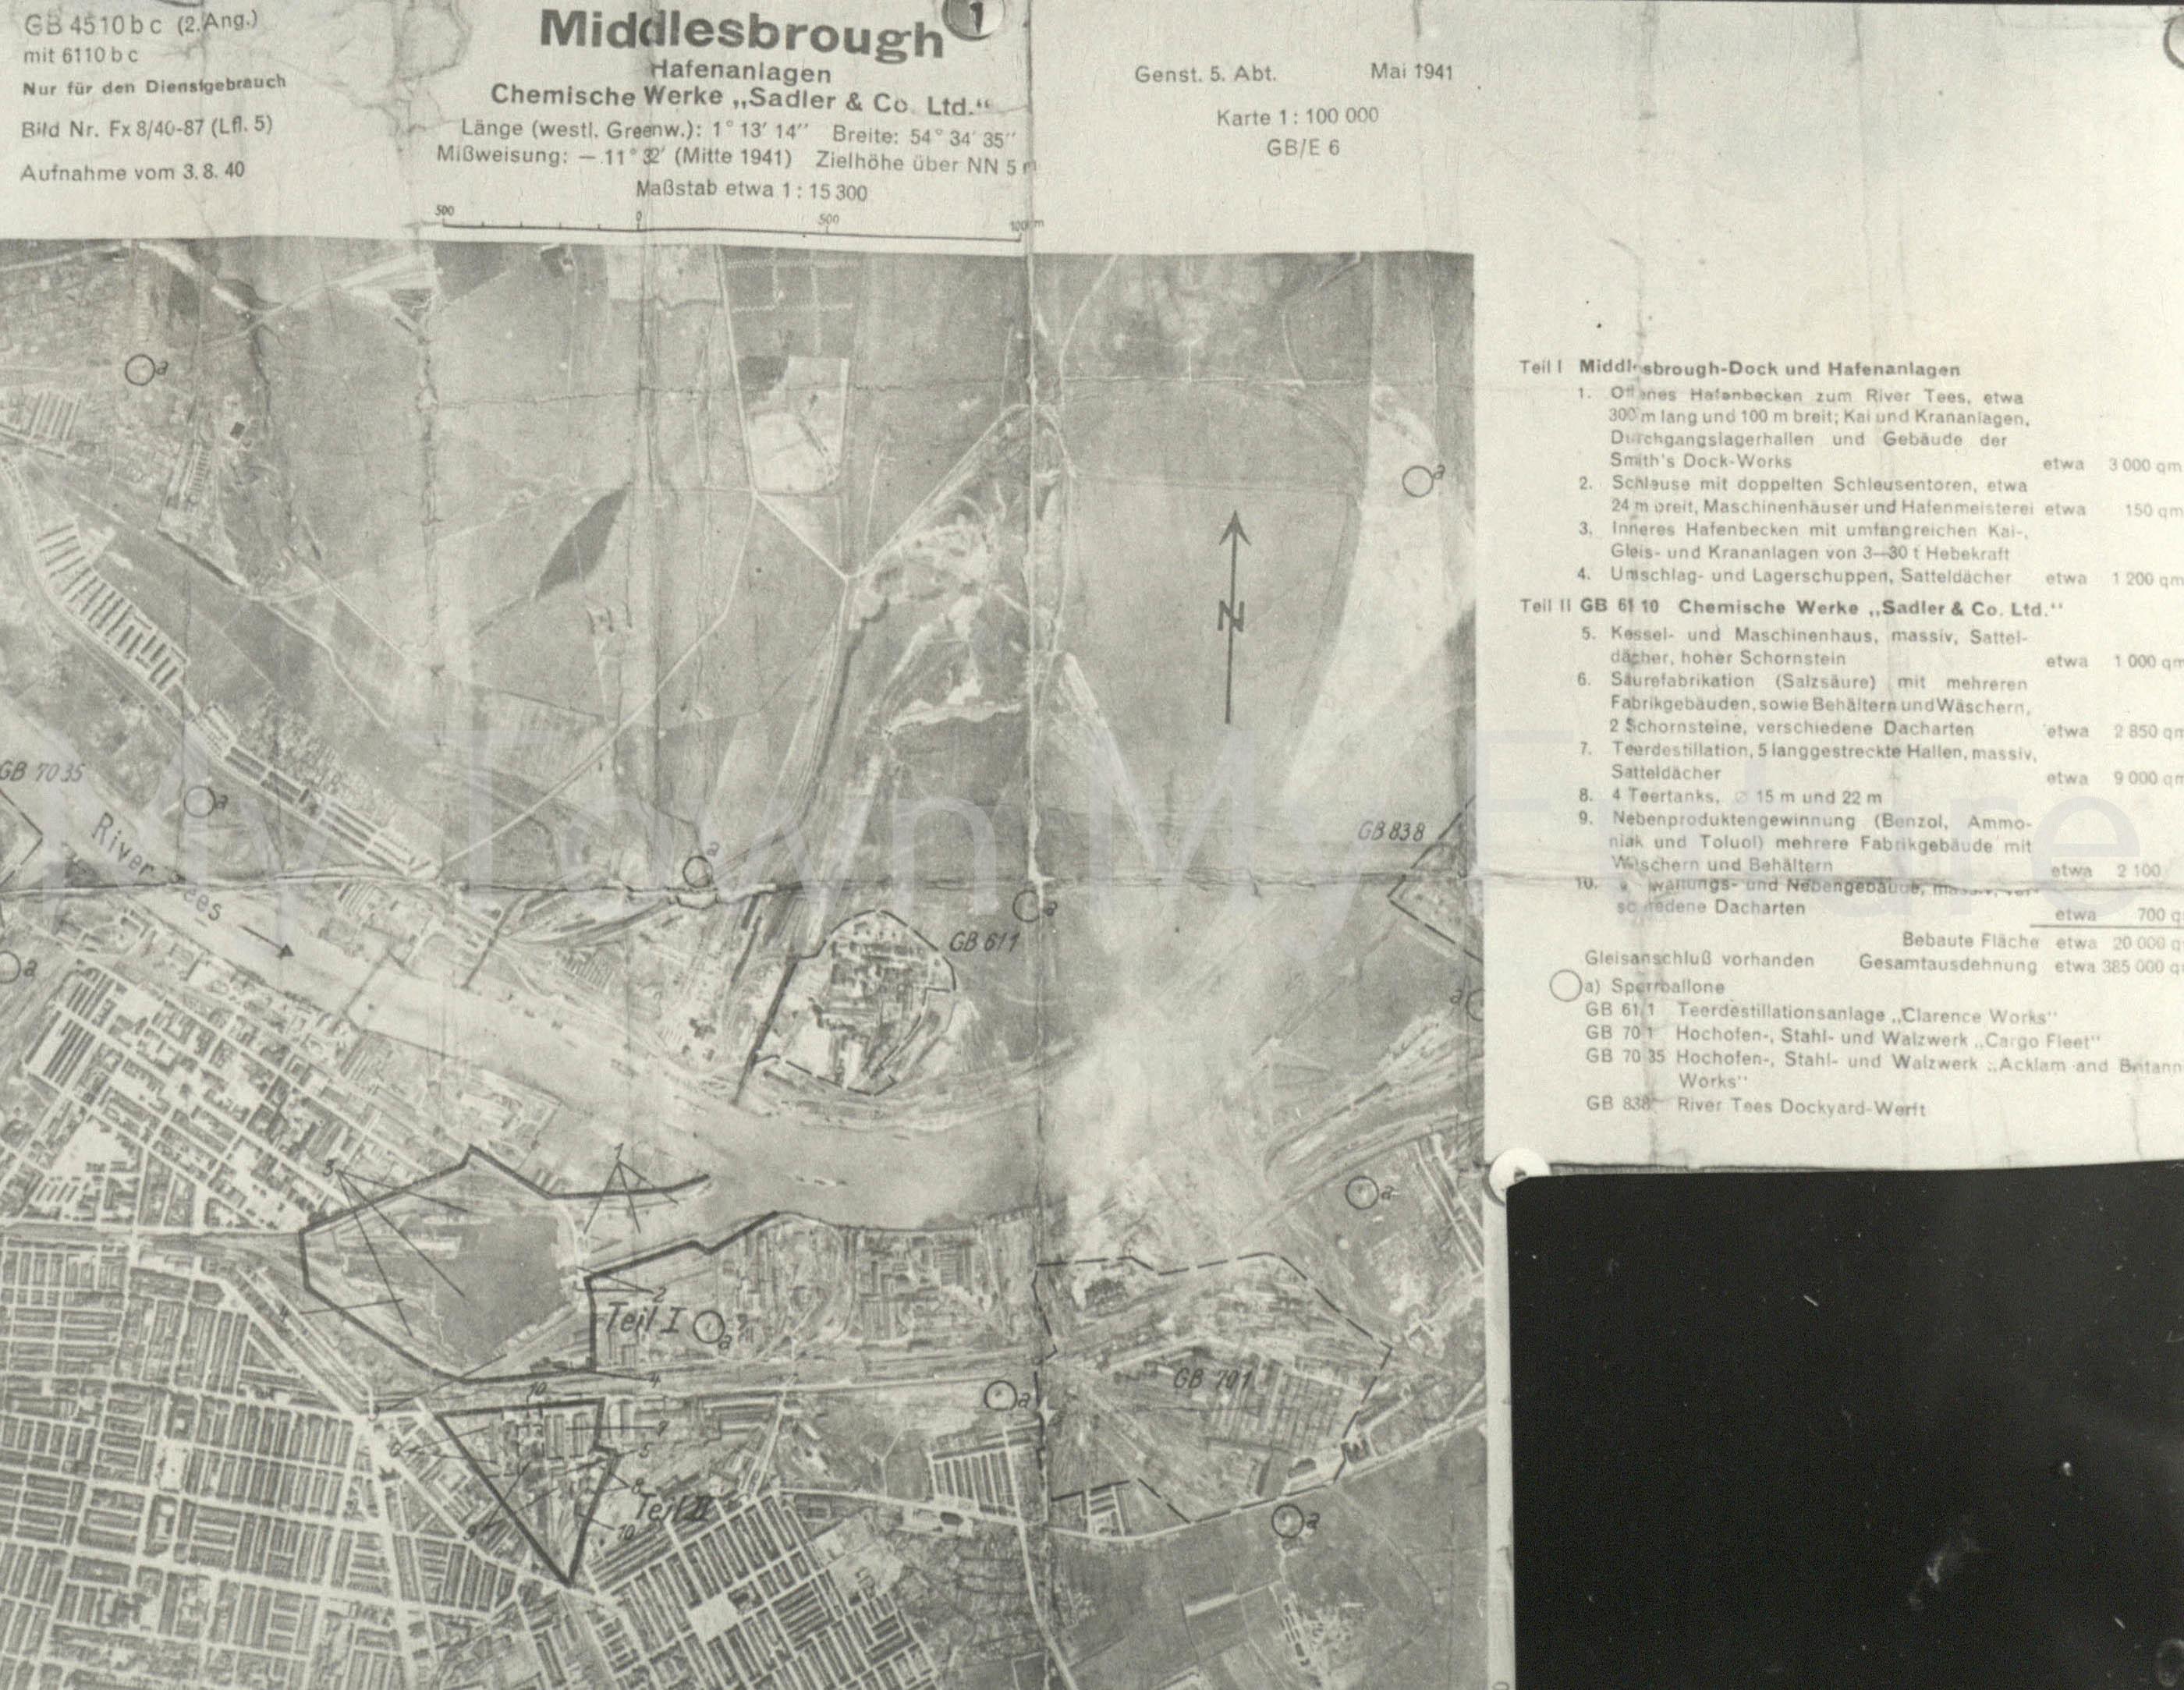 World War II German Aerial Reconnaisance Maps 3rd August 1940